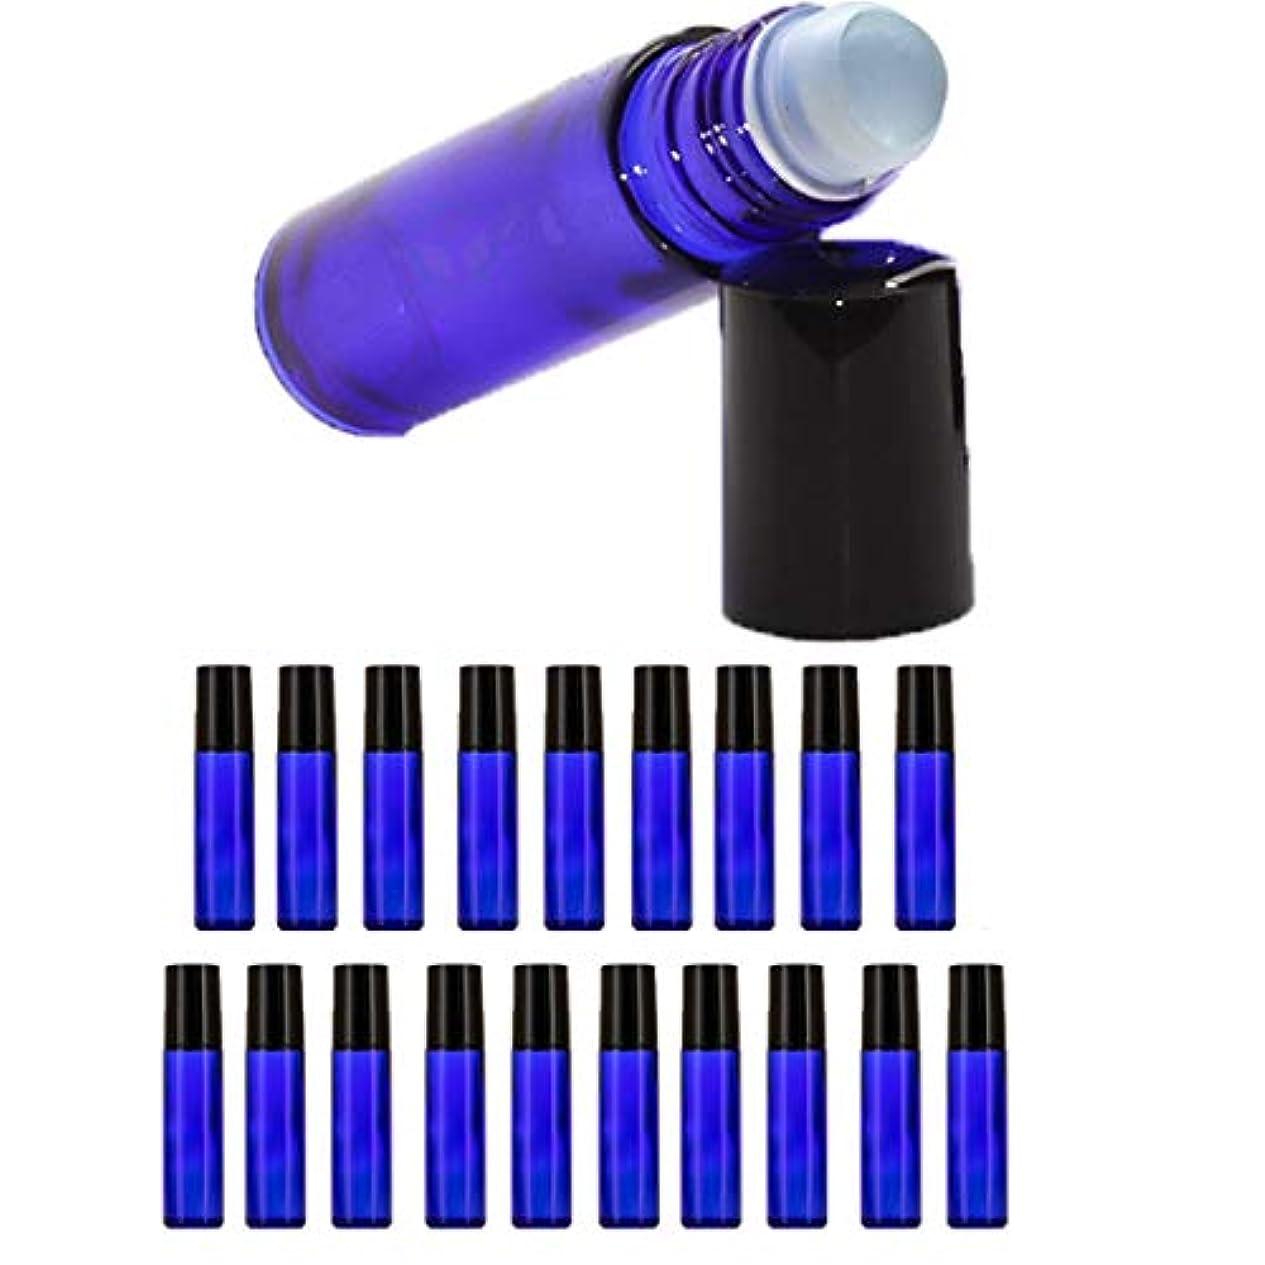 体現するマラソン破壊する【Nanmara】ロールオンボトル 10ml 20個セット 遮光瓶 小分け ガラスボトル 詰め替え 容器 エッセンシャルオイル 遮光ビン 青色 ブルー (20個セット)